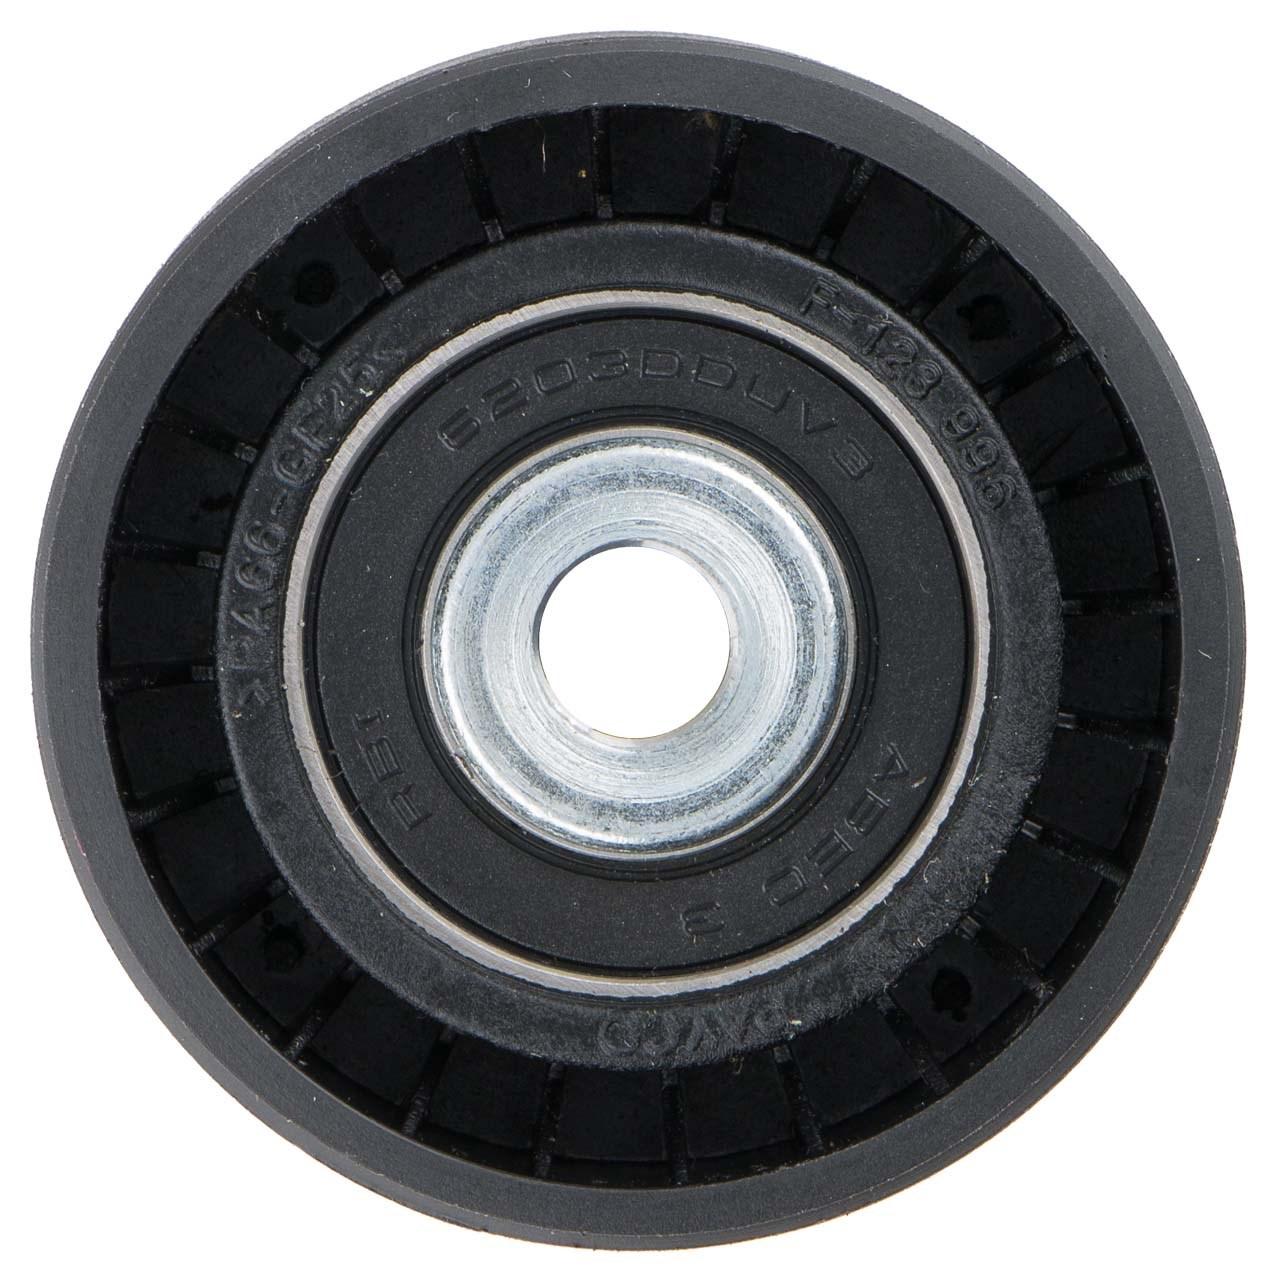 هرزگرد دینام شبستری مدل ESTU073 دهانه تنگ شیار دار مناسب برای پژو 206